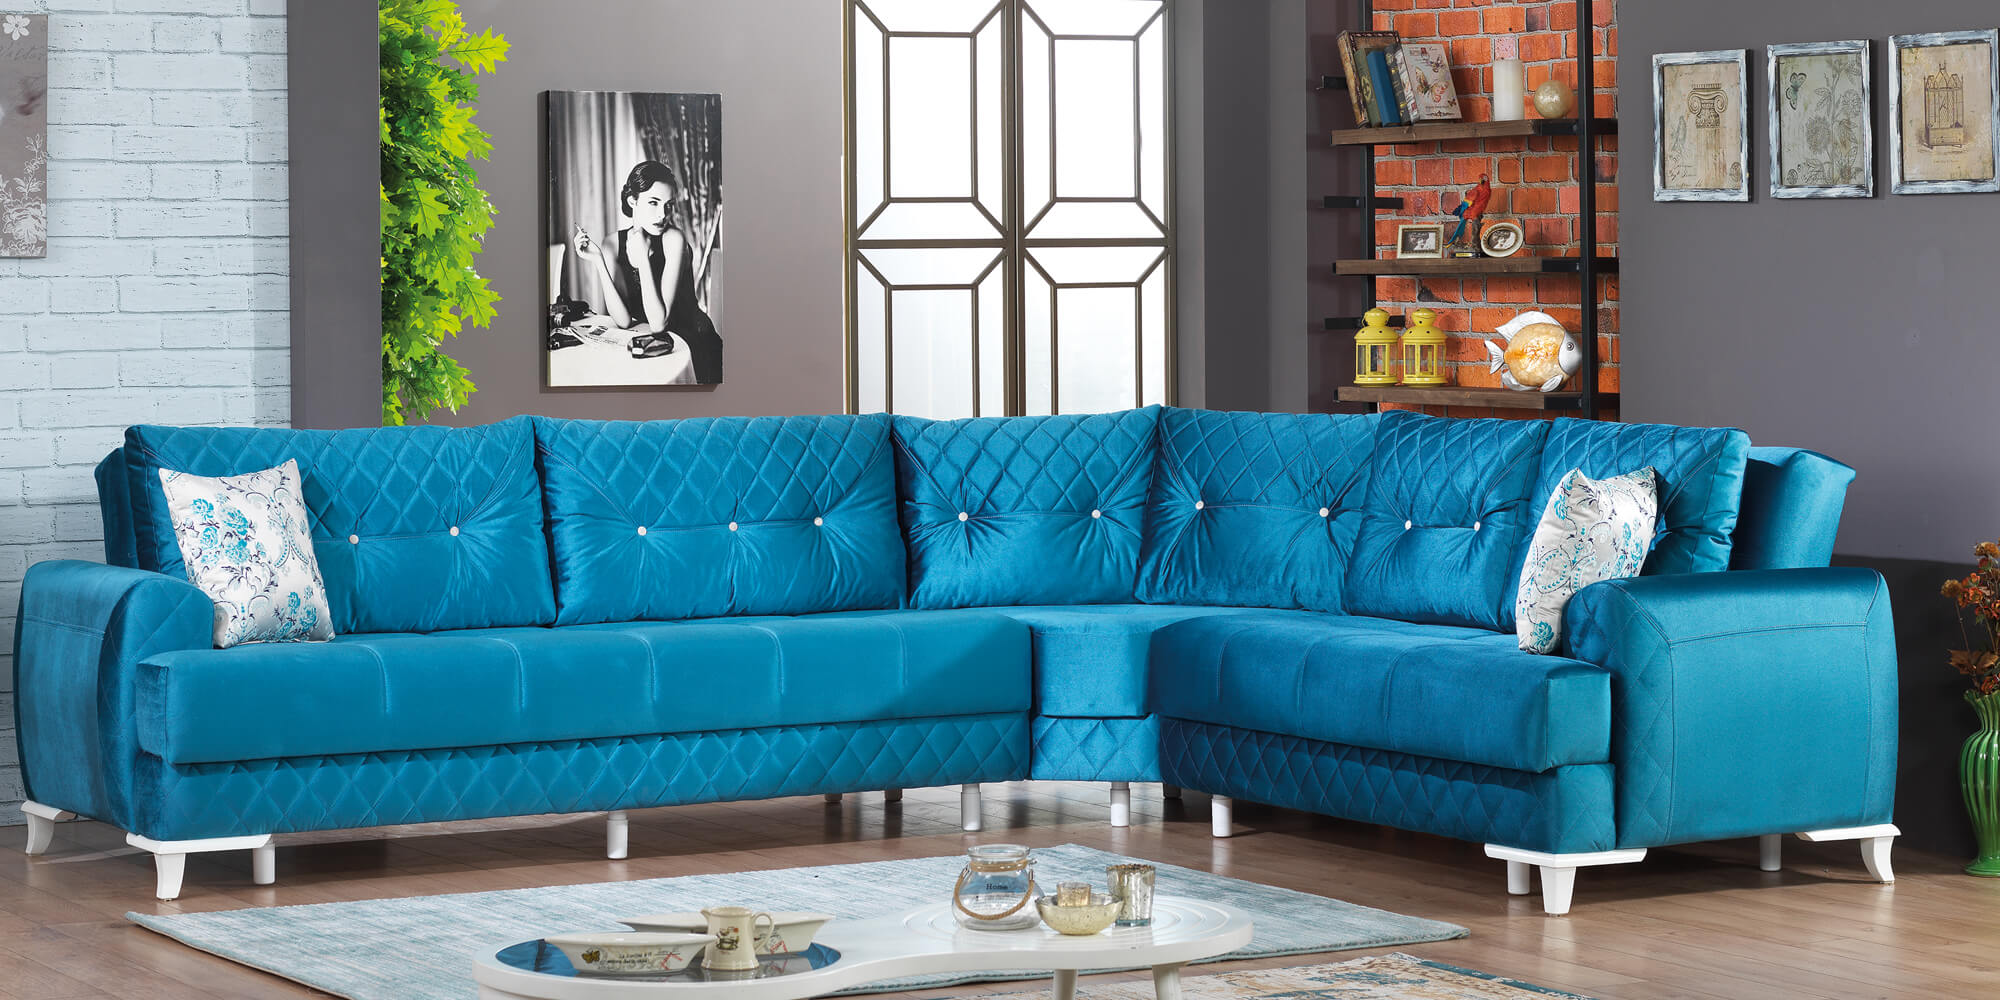 mars sitzecke yuvam m belhaus in wuppertal cilek offizieller h ndler in europa. Black Bedroom Furniture Sets. Home Design Ideas